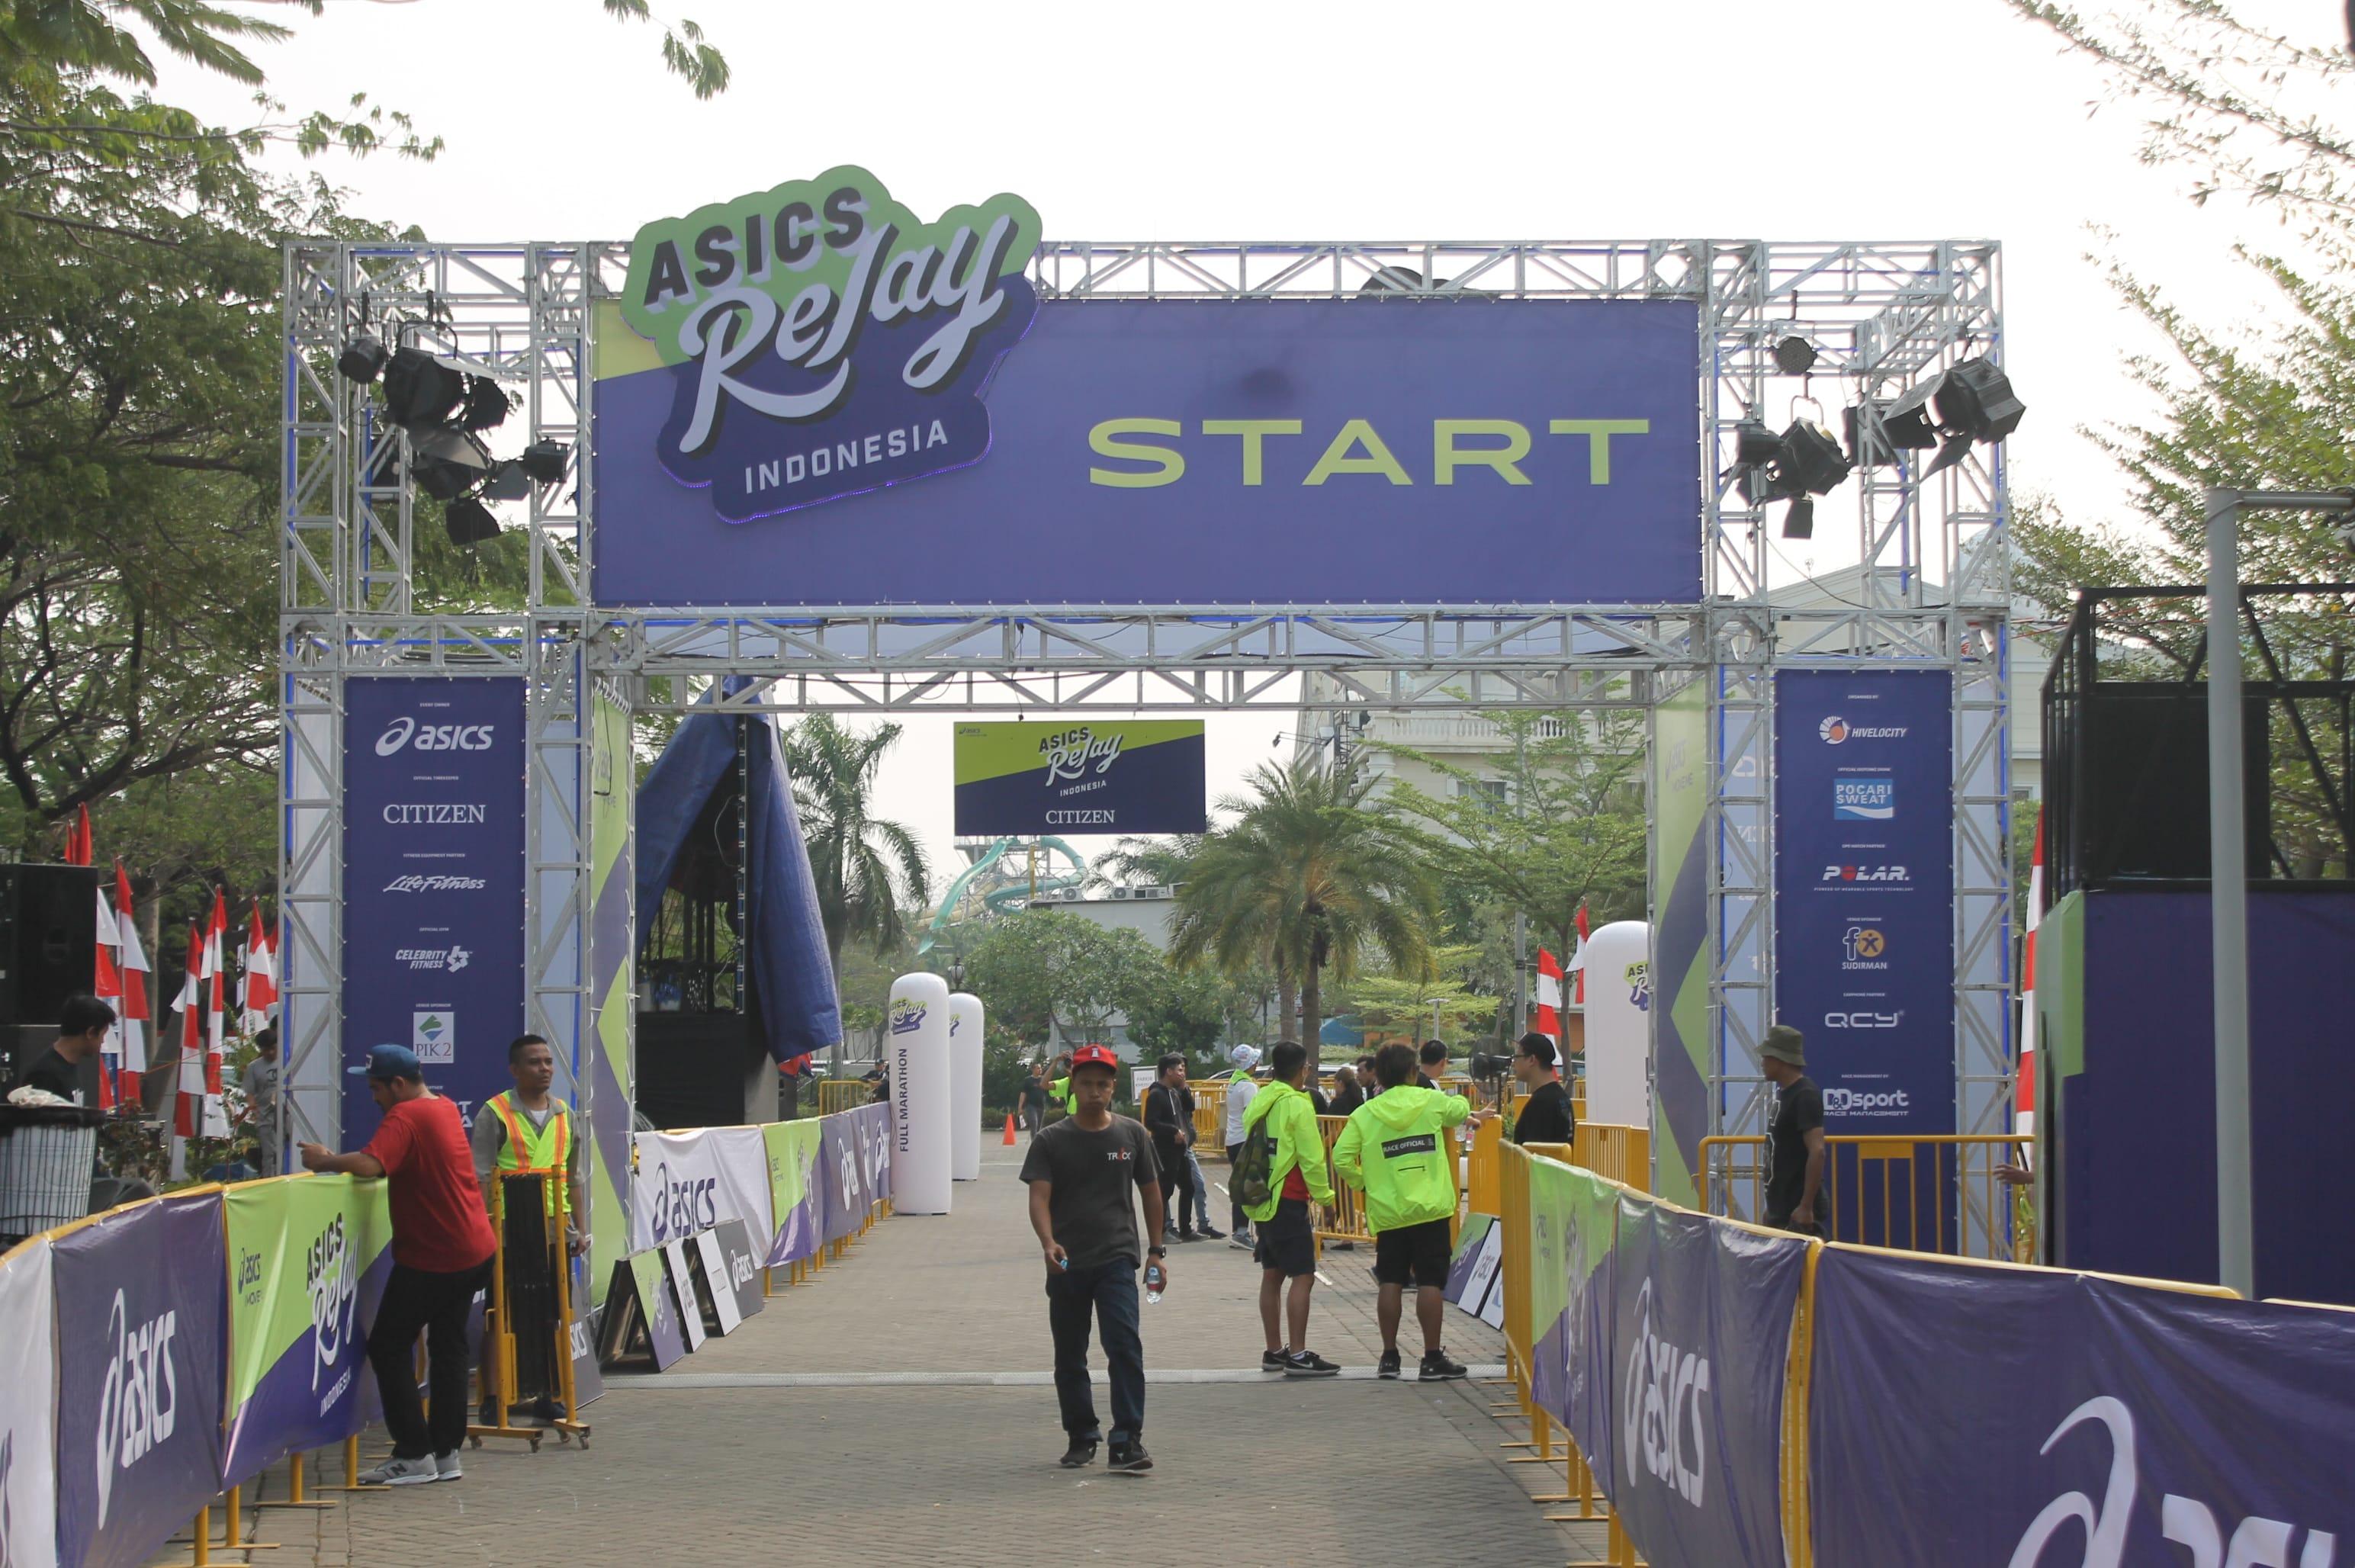 Pik2 Acara - PIK2 Gelar Acara Asics Relay Run 2018